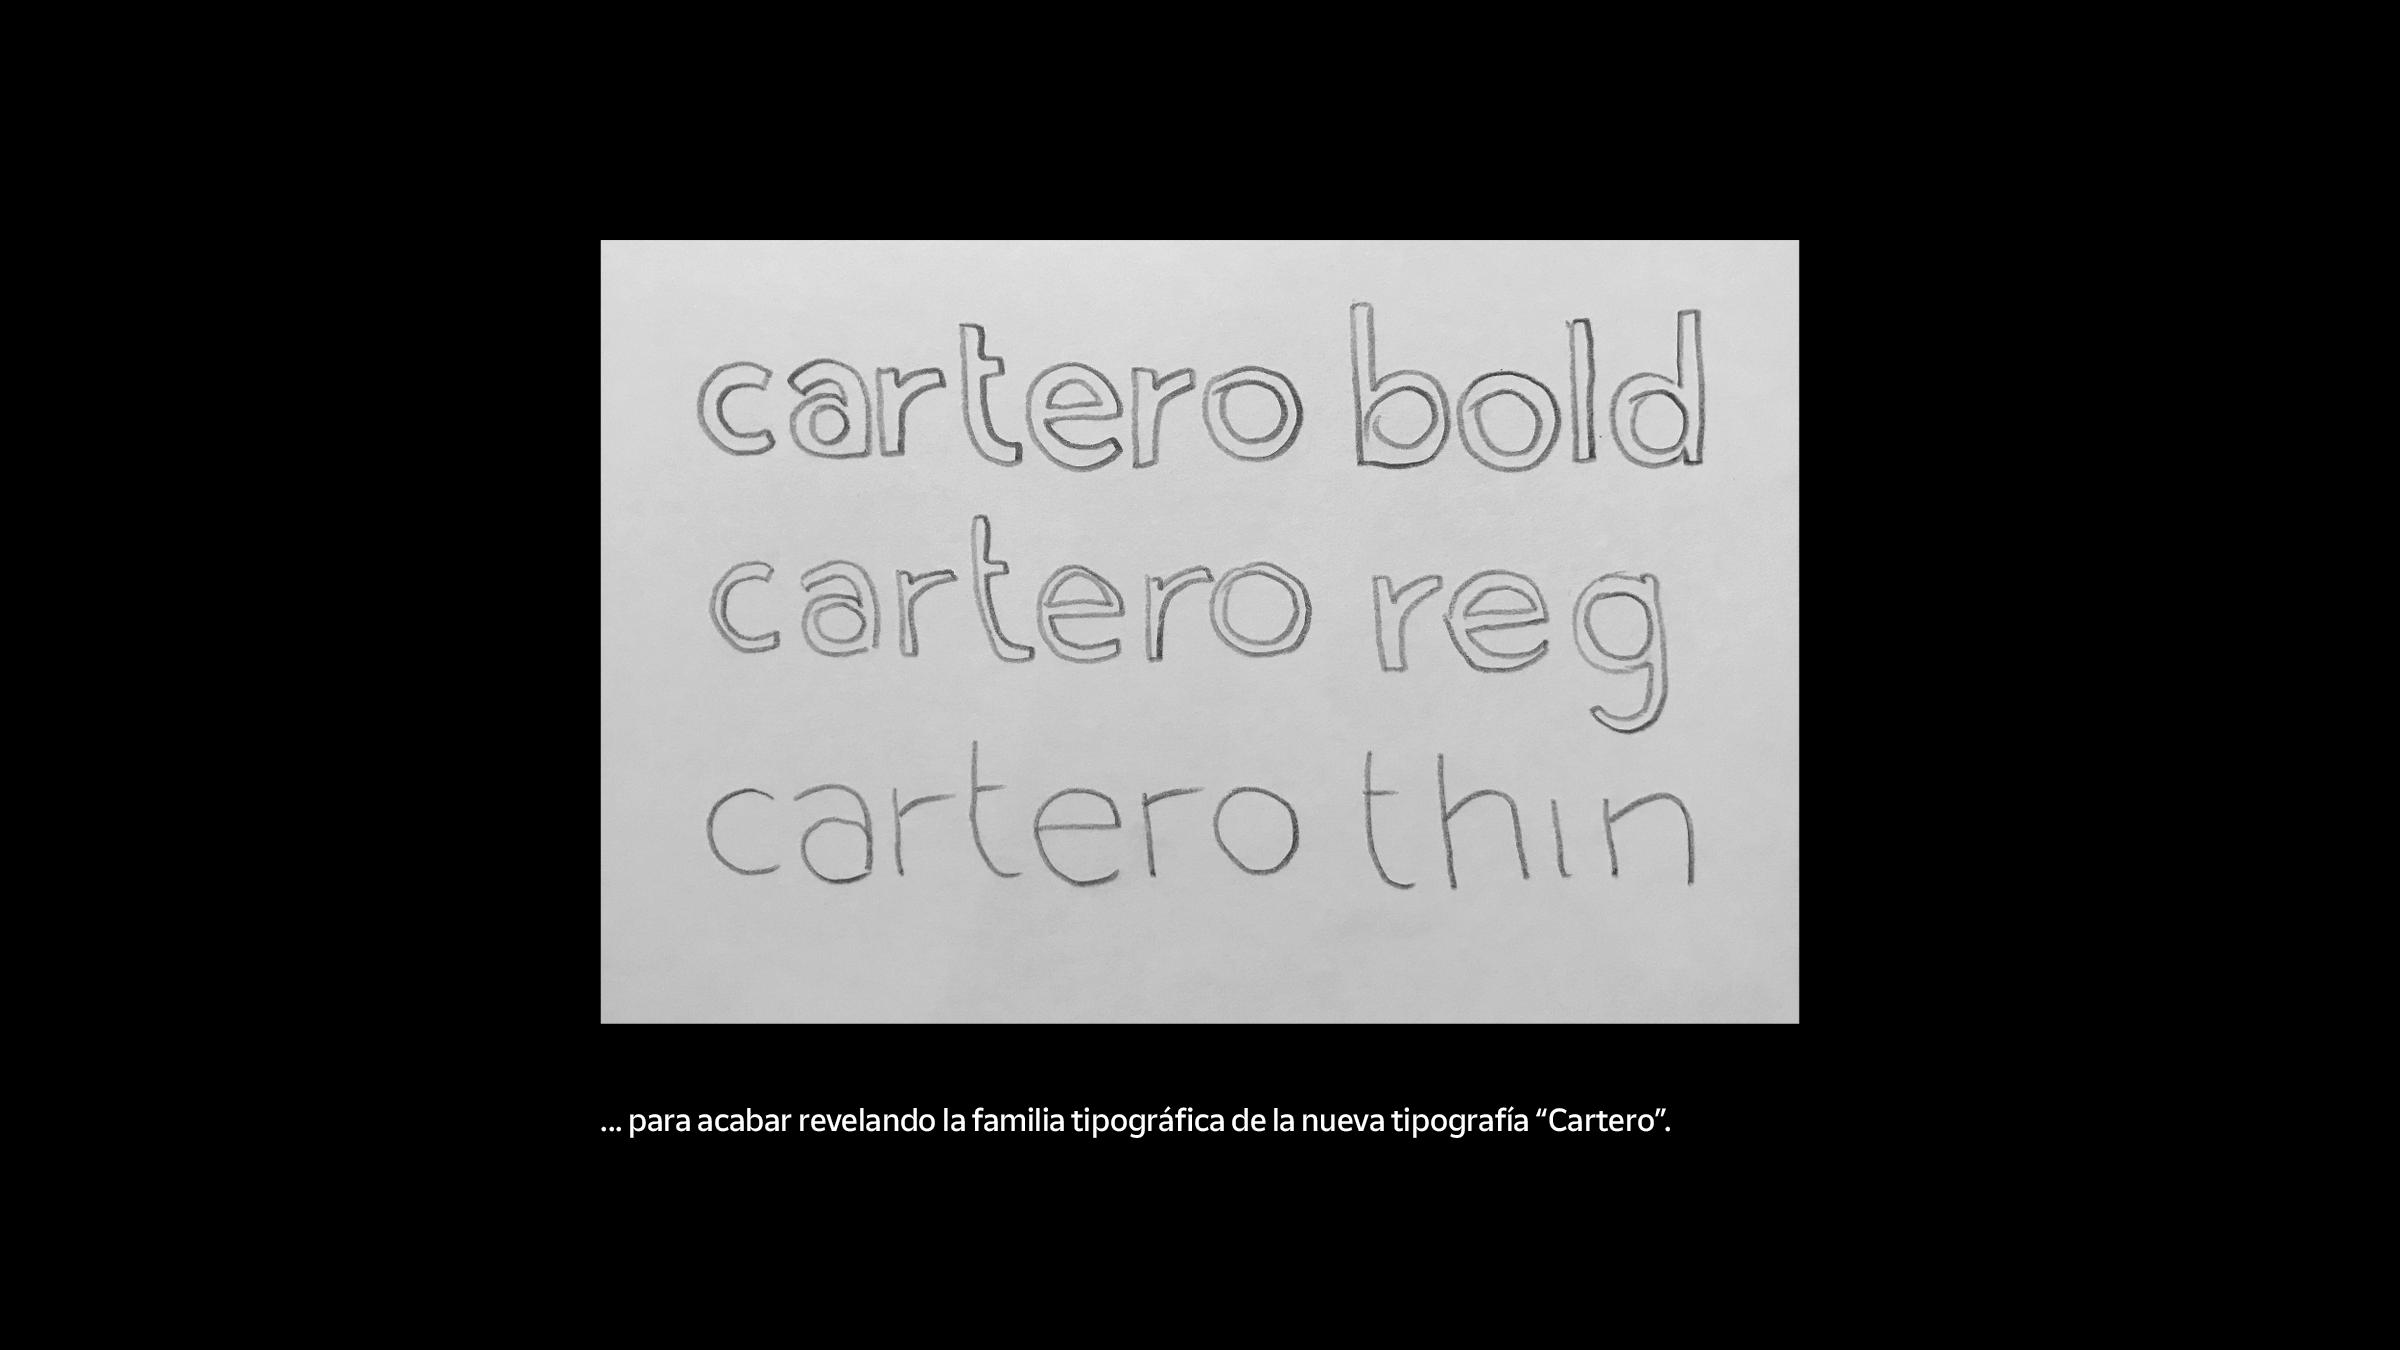 CORREOS_FB_STORY_33.png